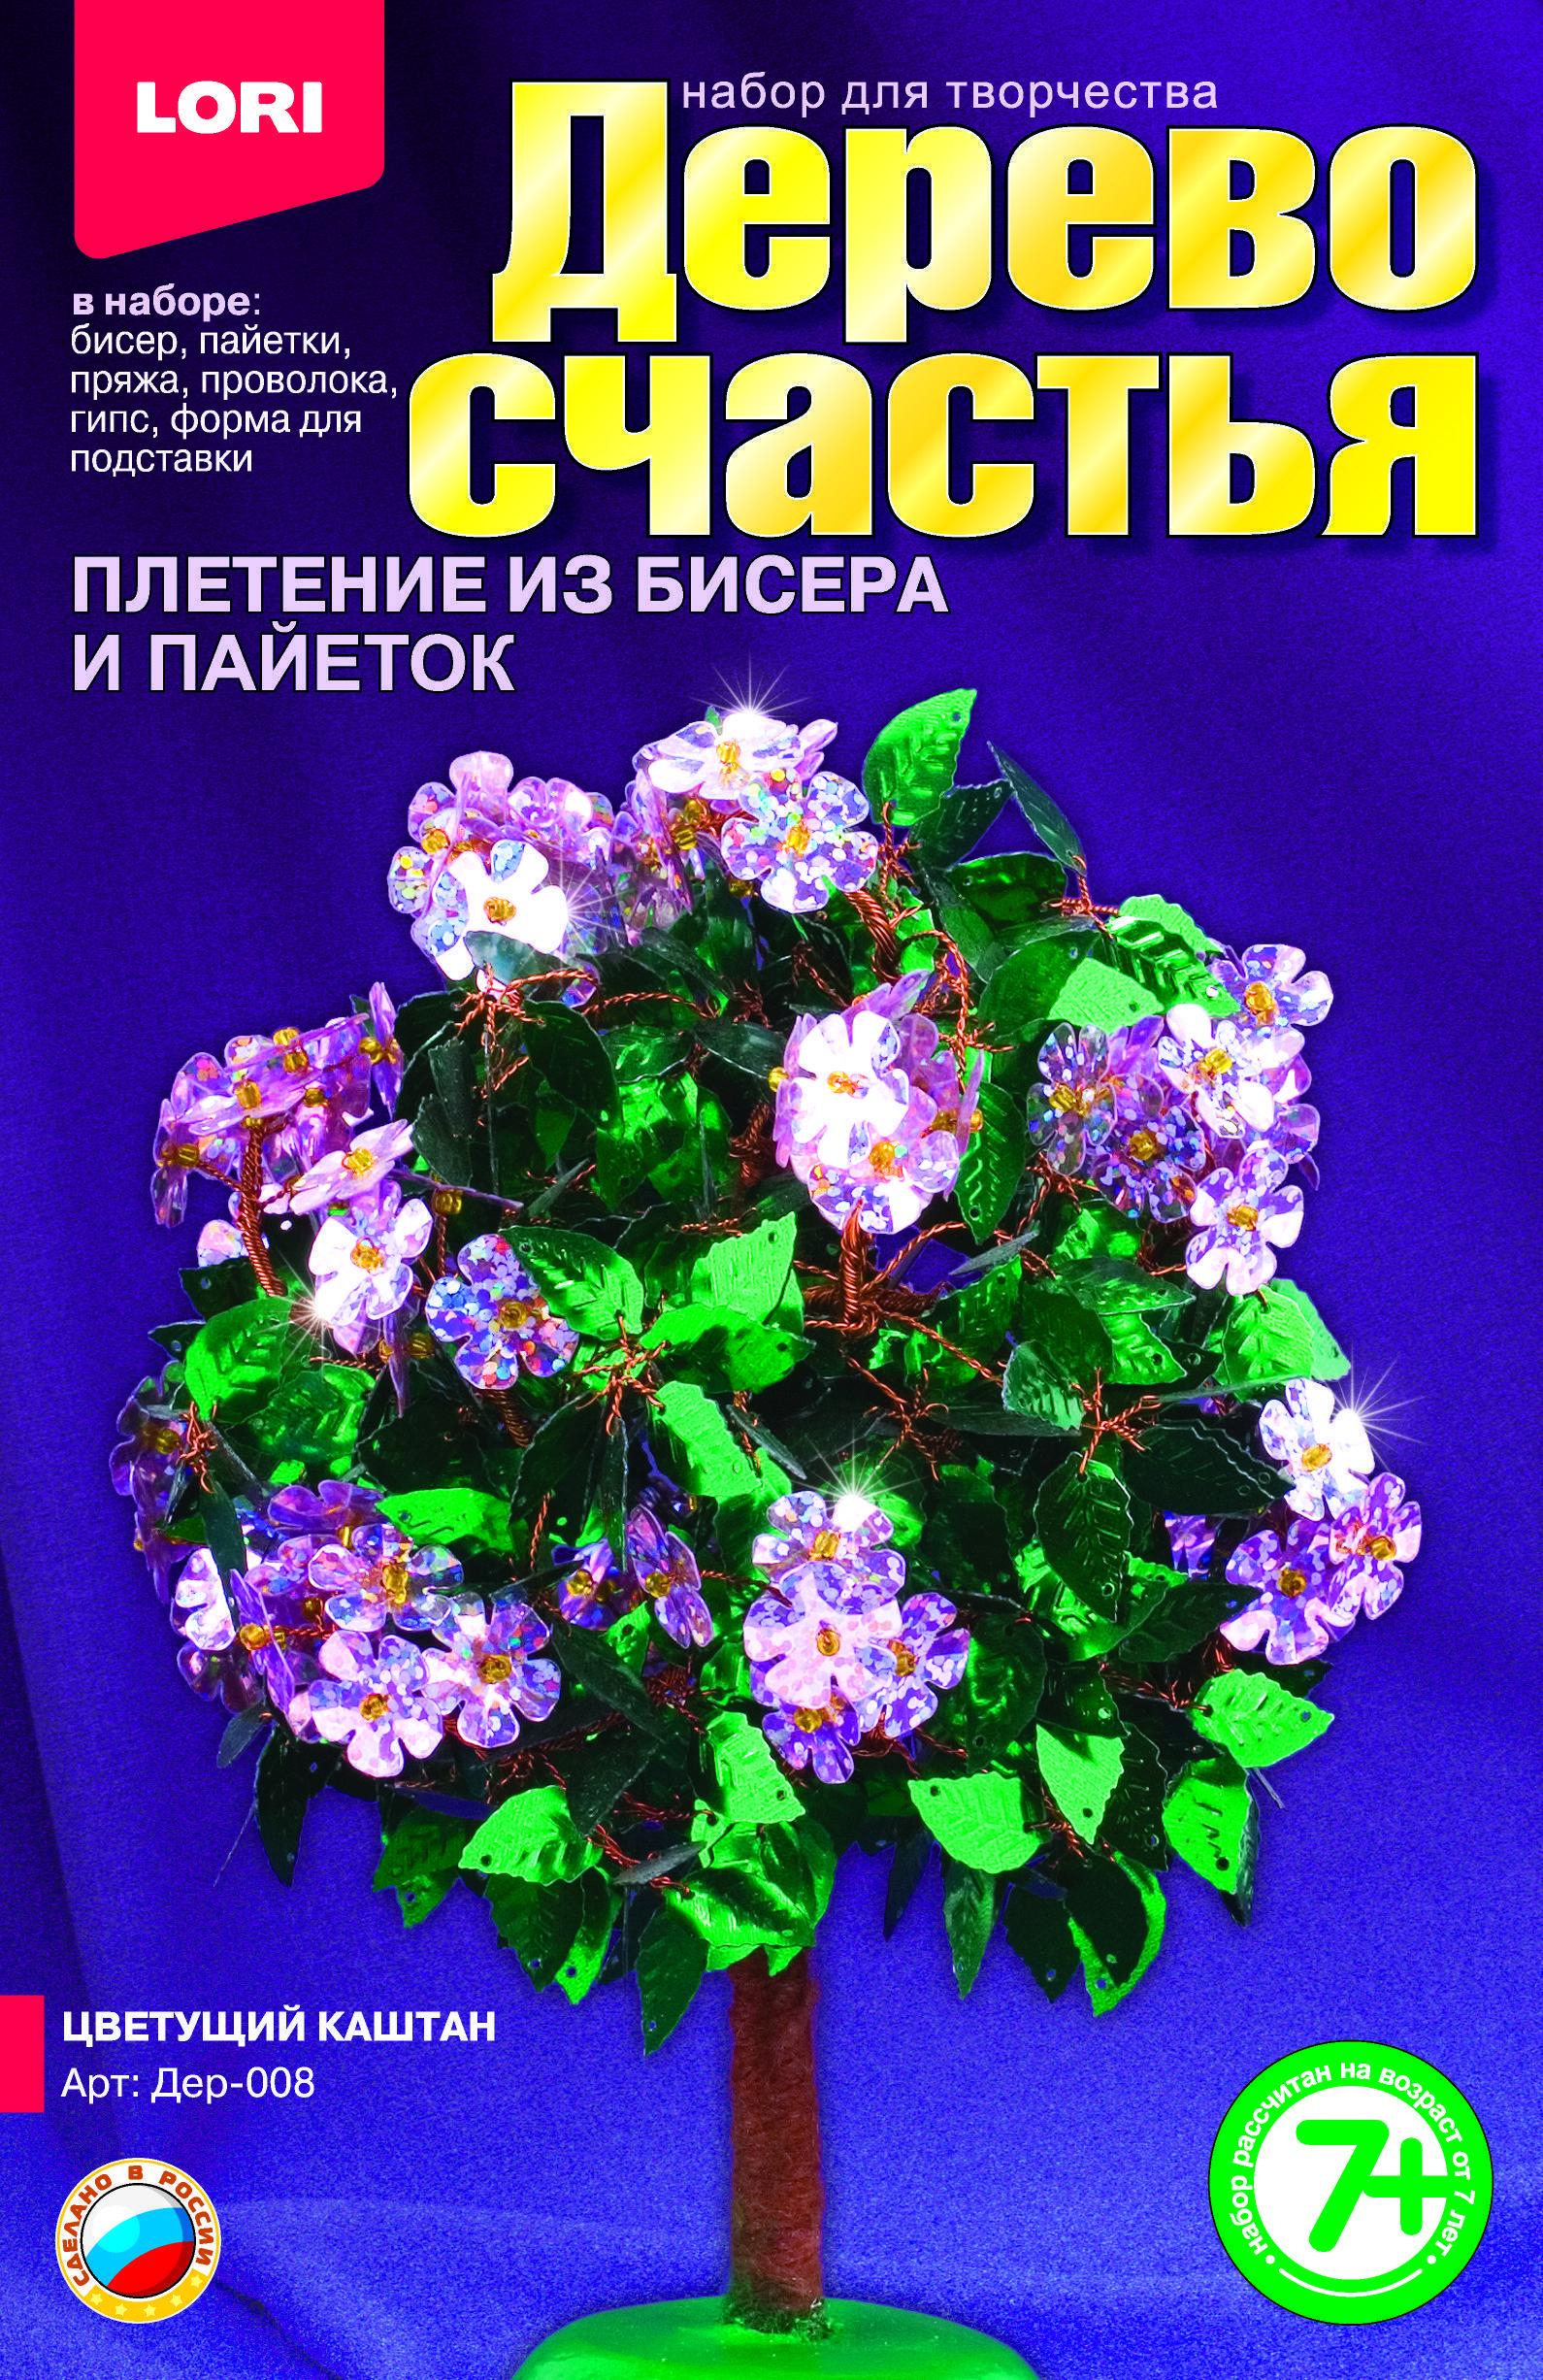 Набор для творчества дерево счастья ЦВЕТУЩИЙ КАШТАН